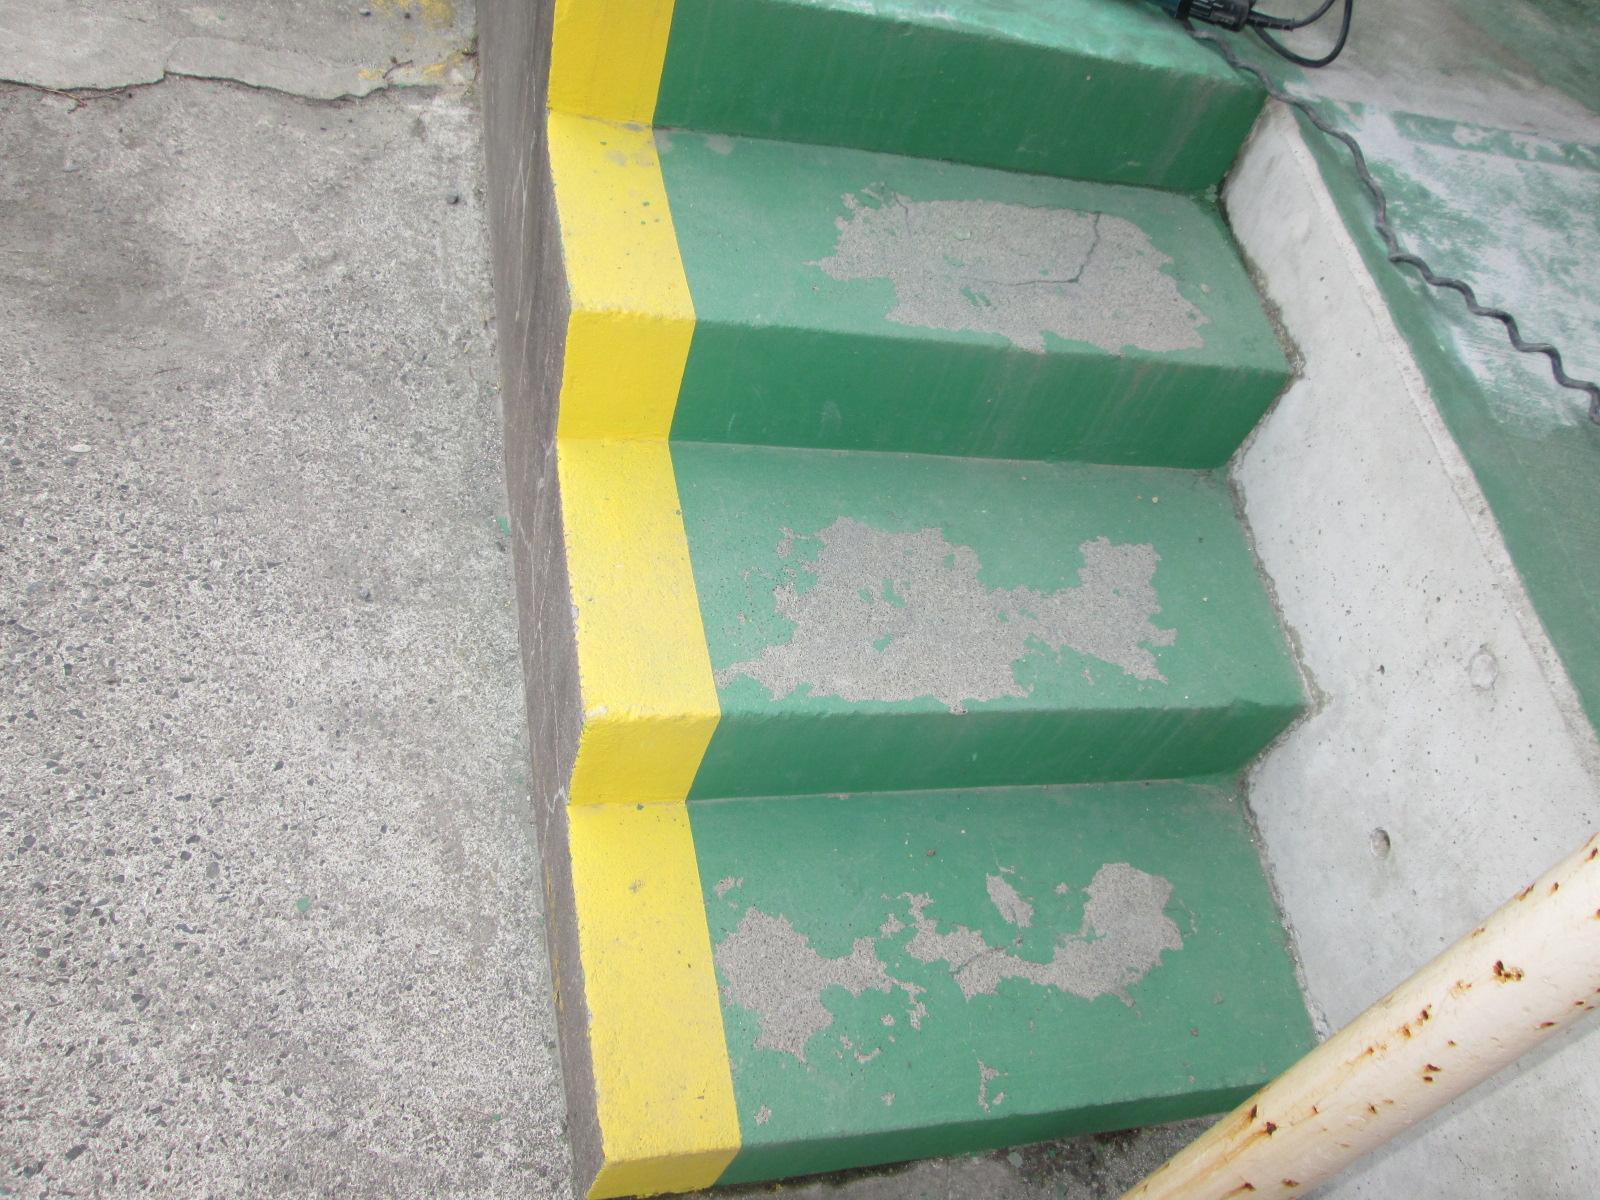 床防滑シート工事(階段)のイメージ画像